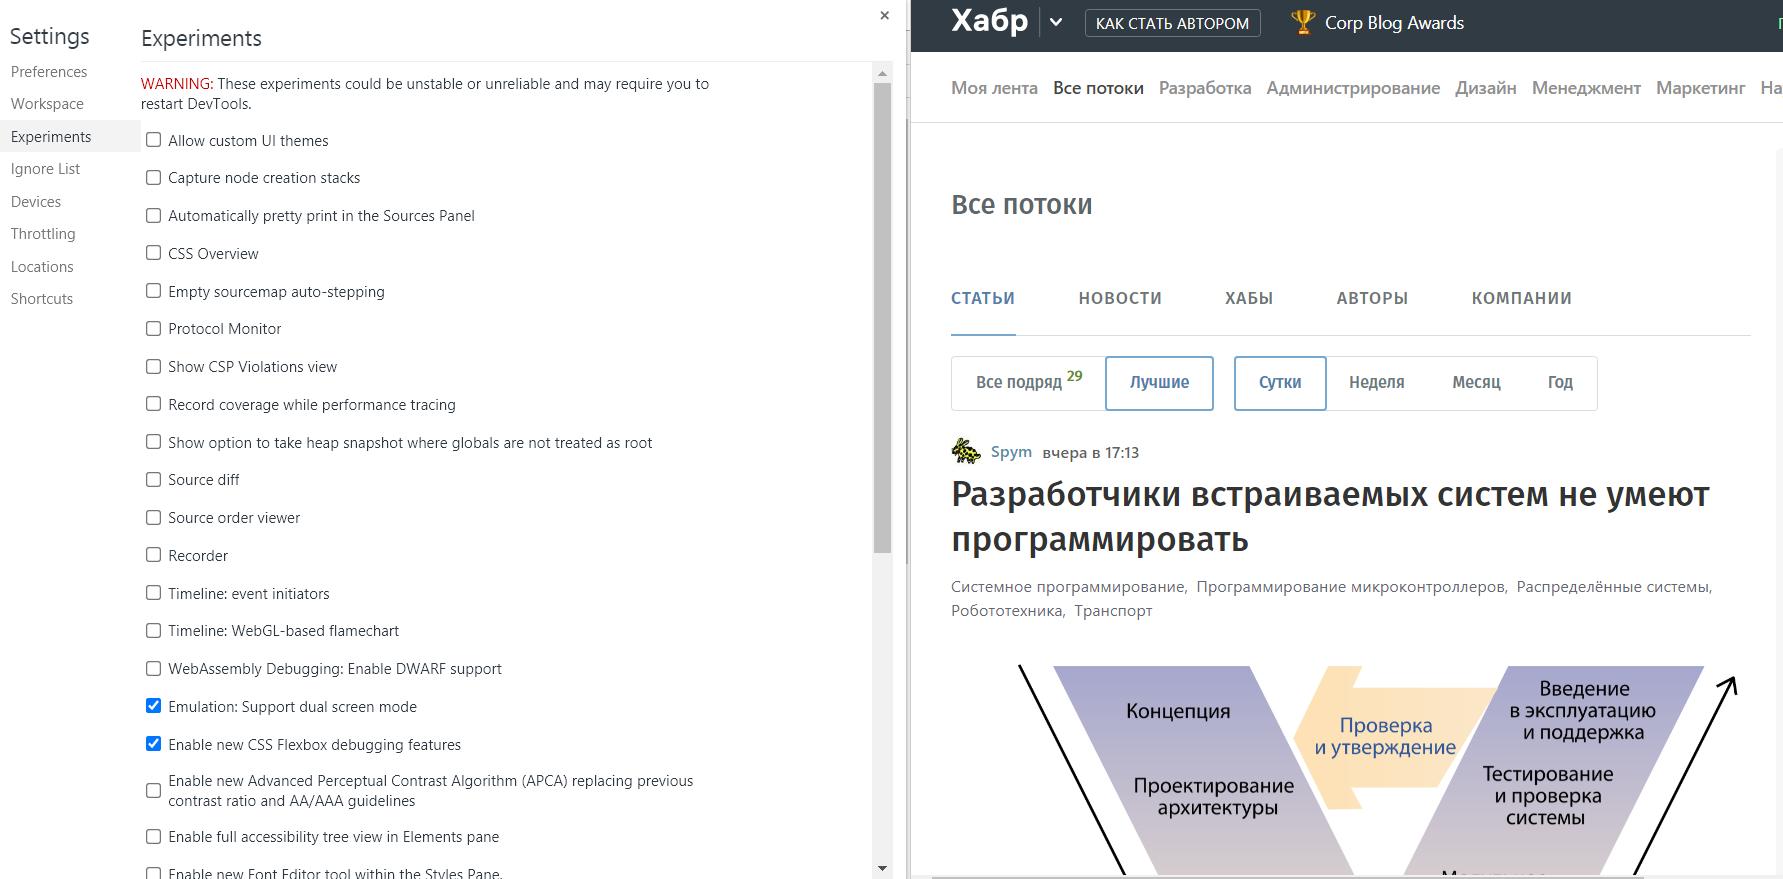 Инструменты для аудита CSS - 3